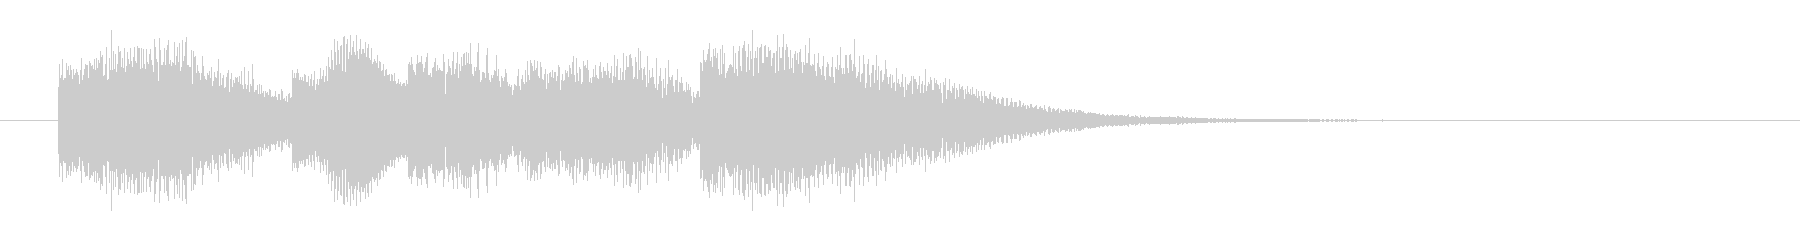 爽やかエレクトリックピアノのサウンドロゴの未再生の波形